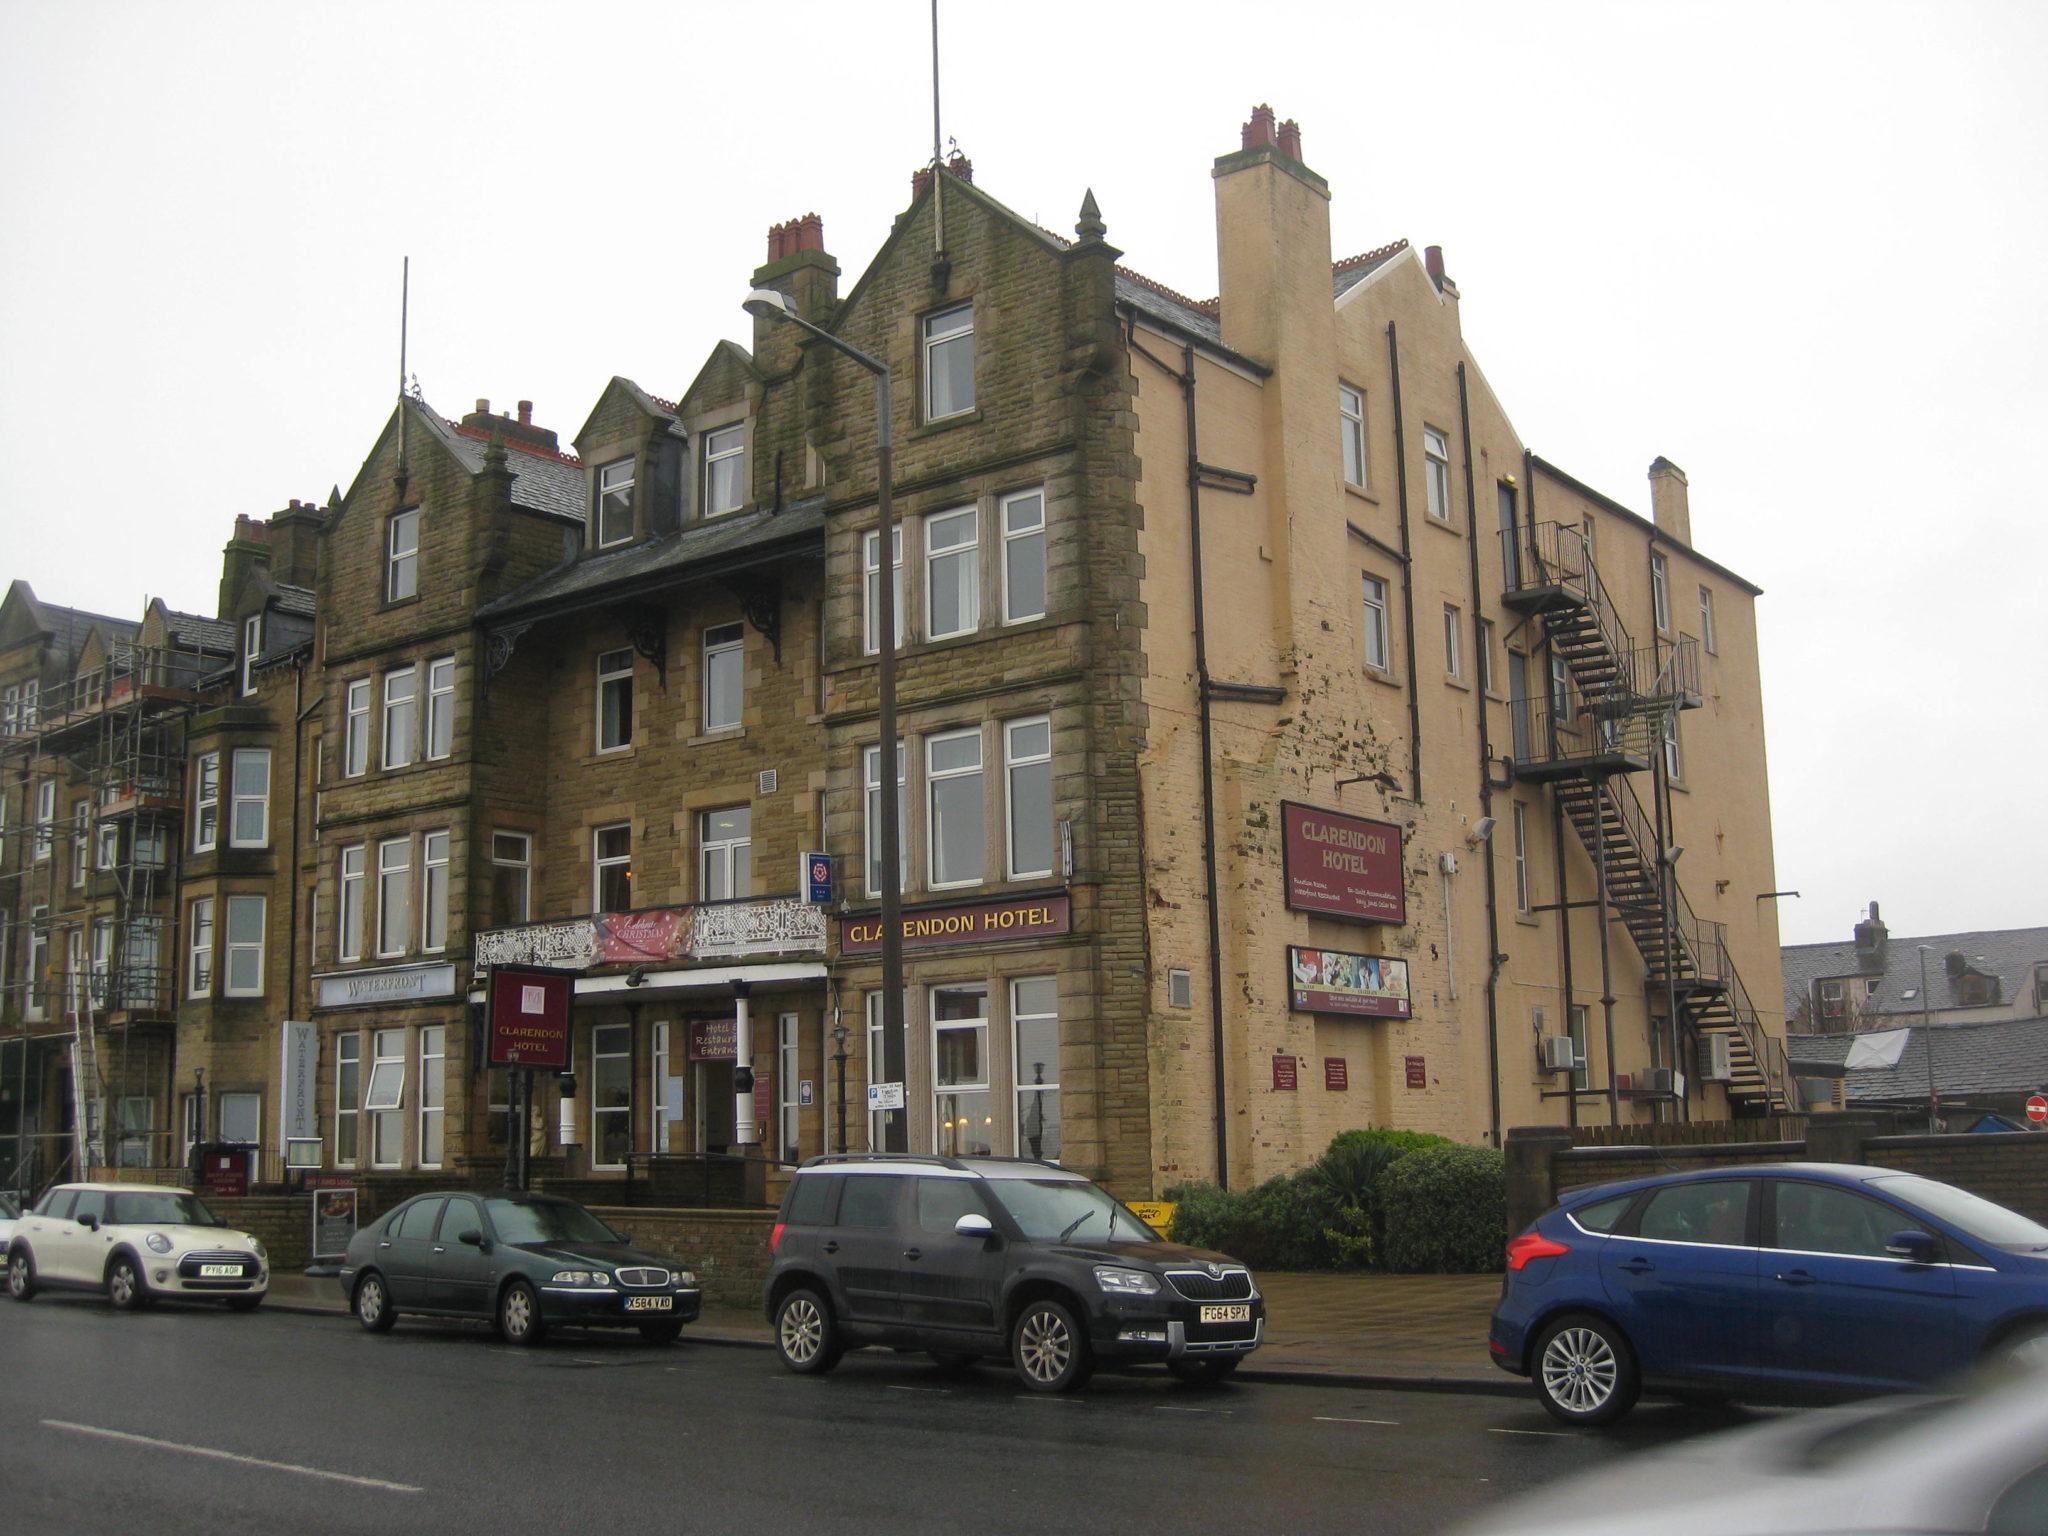 Clarendon Hotel